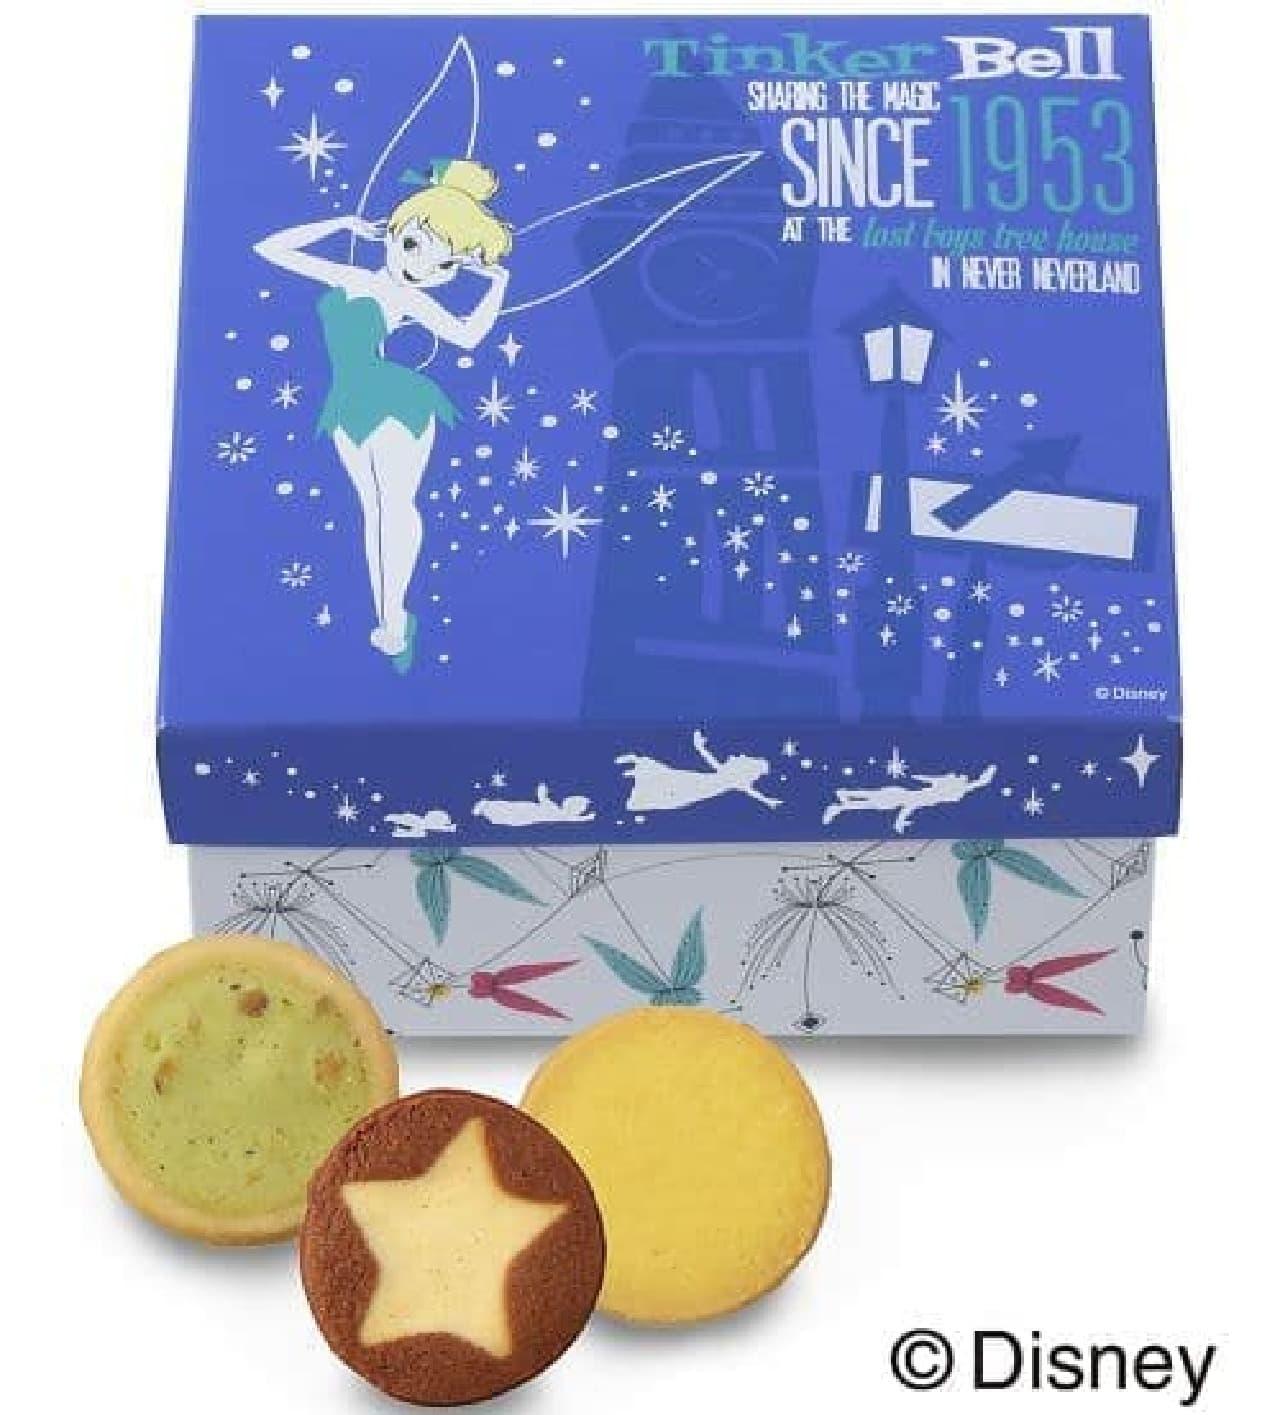 「ギフトボックス(3種15個入)」は、妖精「ティンカー・ベル」をデザインした箱にクッキーが入ったギフトボックス